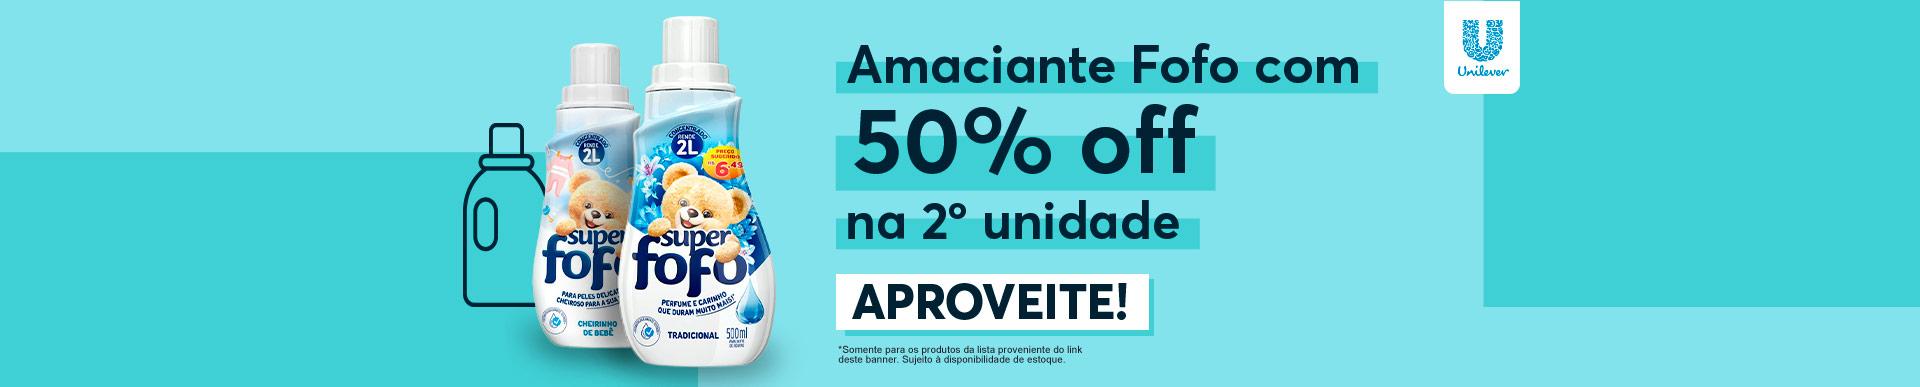 Unilever-fofo